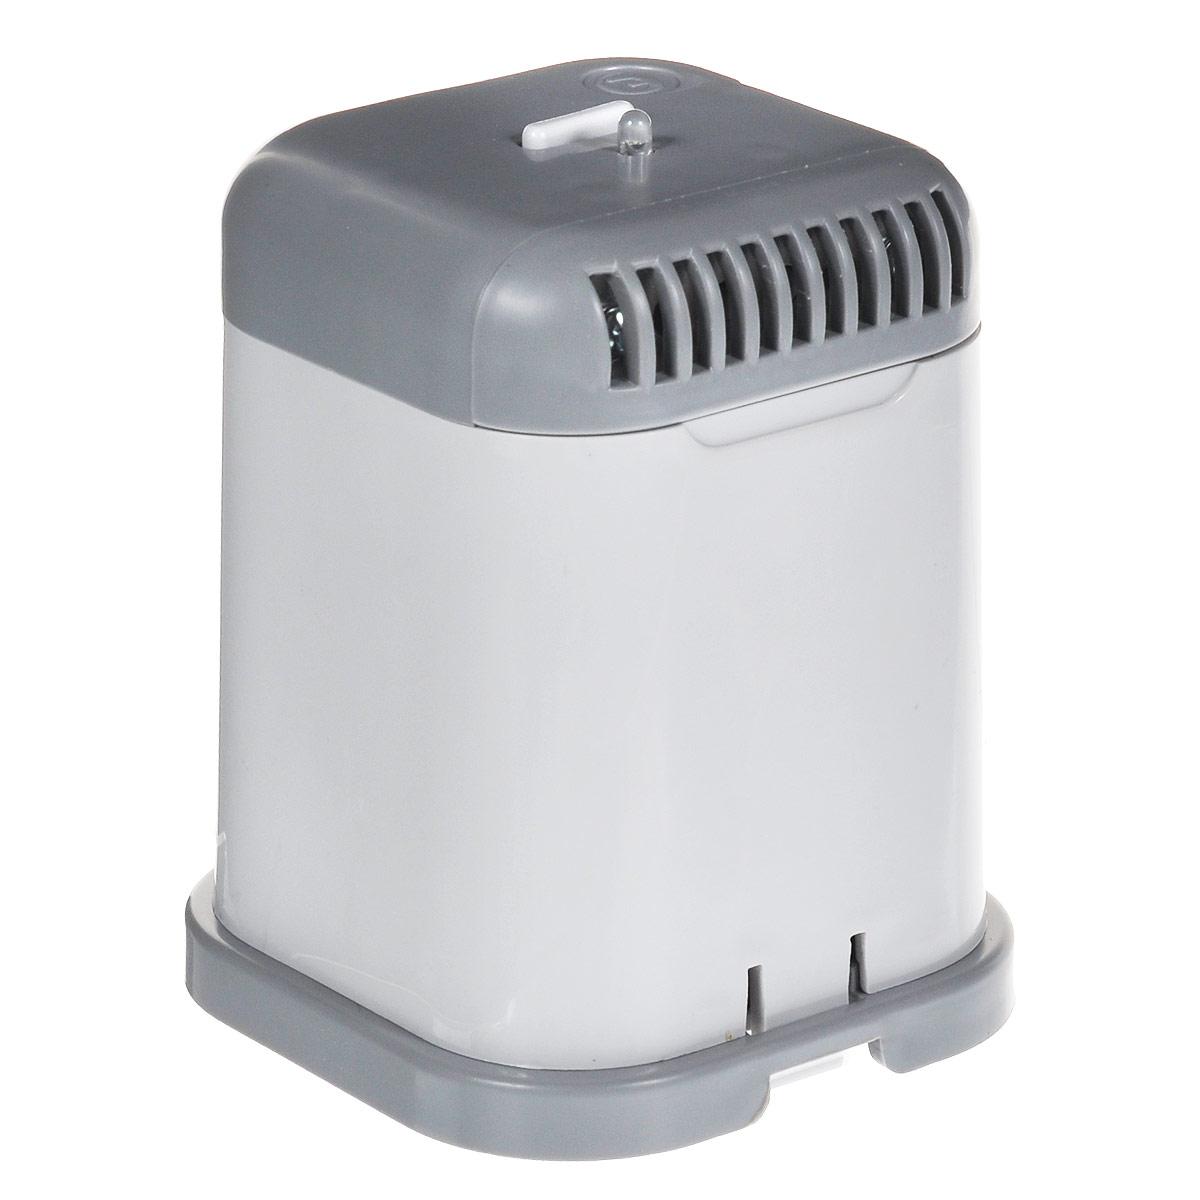 Супер Плюс для холодильника очиститель-ионизатор воздуха2024Озонатор устраняет неприятные запахи в холодильнике, дезинфицирует его стенки, продукты, замедляет процессы гниения, разложения, тем самым позволяя Вам дольше хранить продукты. Подходит для всех типов холодильных камер. Озонатор может также использоваться в шкафах и кладовках для подавления жизнедеятельности плесневых грибов, пылевых клещей, отравляющих жизнь аллергиков, и устранения запахов, например, запаха табака от одежды, для устранения неприятных запахов в туалетных и ванных комнатах. Работа прибора основана на принципе ионного ветра, который возникает в результате коронного разряда и обеспечивает движение потока воздуха через очистную камеру прибора, при этом происходит озонация воздуха и его насыщение отрицательными аэроионами. Вырабатываемый прибором озон, обладает бактерицидным действием, что приводит к подавлению жизнедеятельности различных микроорганизмов, плесневых грибков и т.д. Питание: 4 батарейки типа С